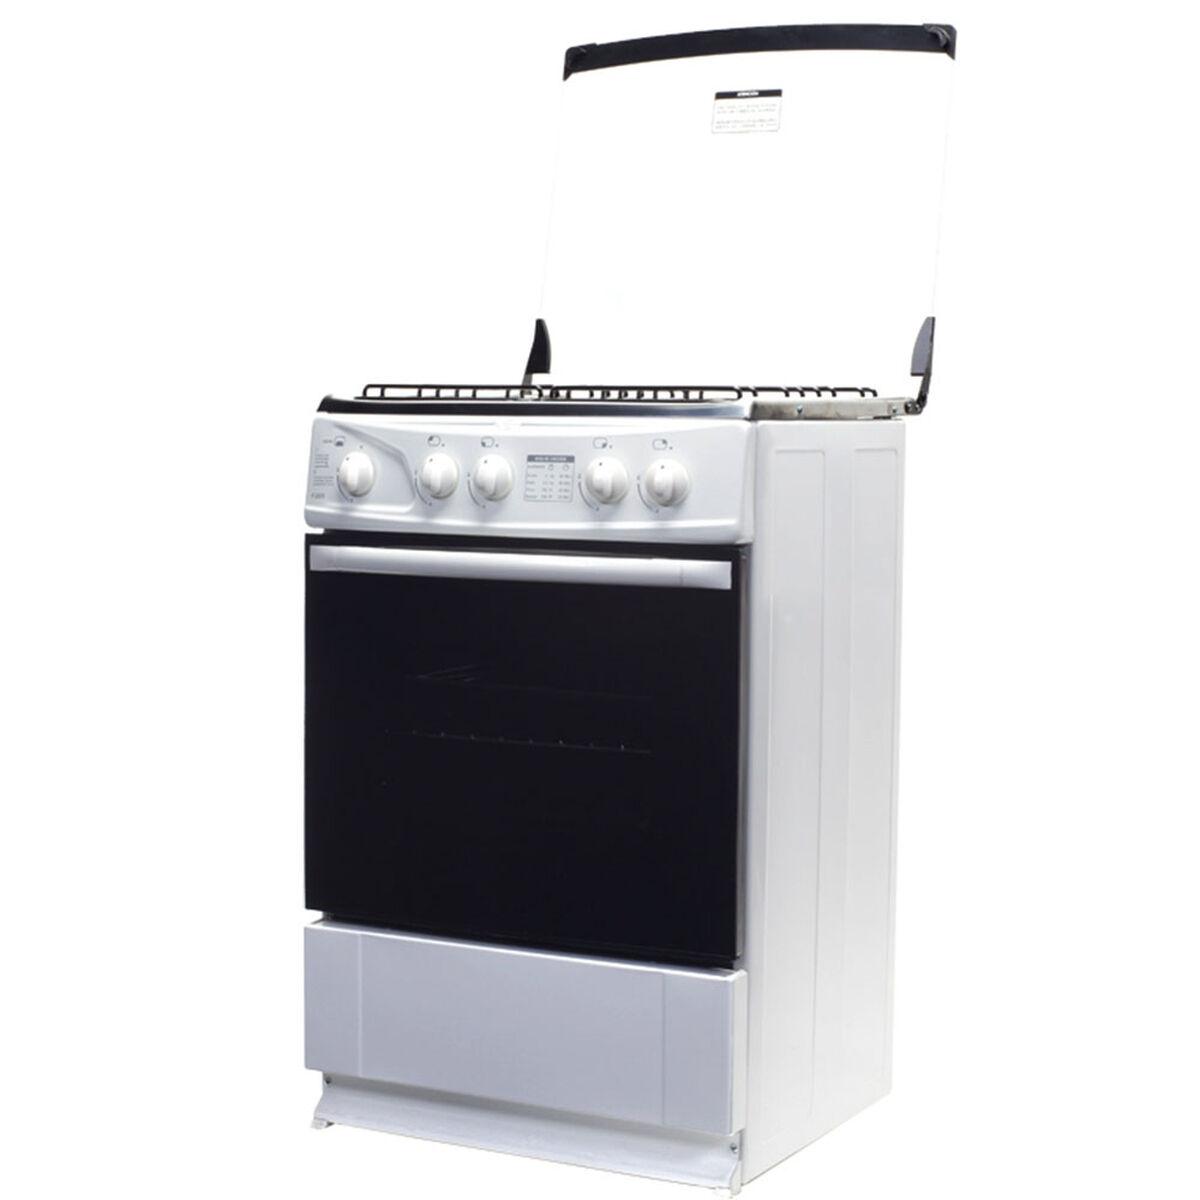 Cocina a Gas Fensa F 2235 66 lt